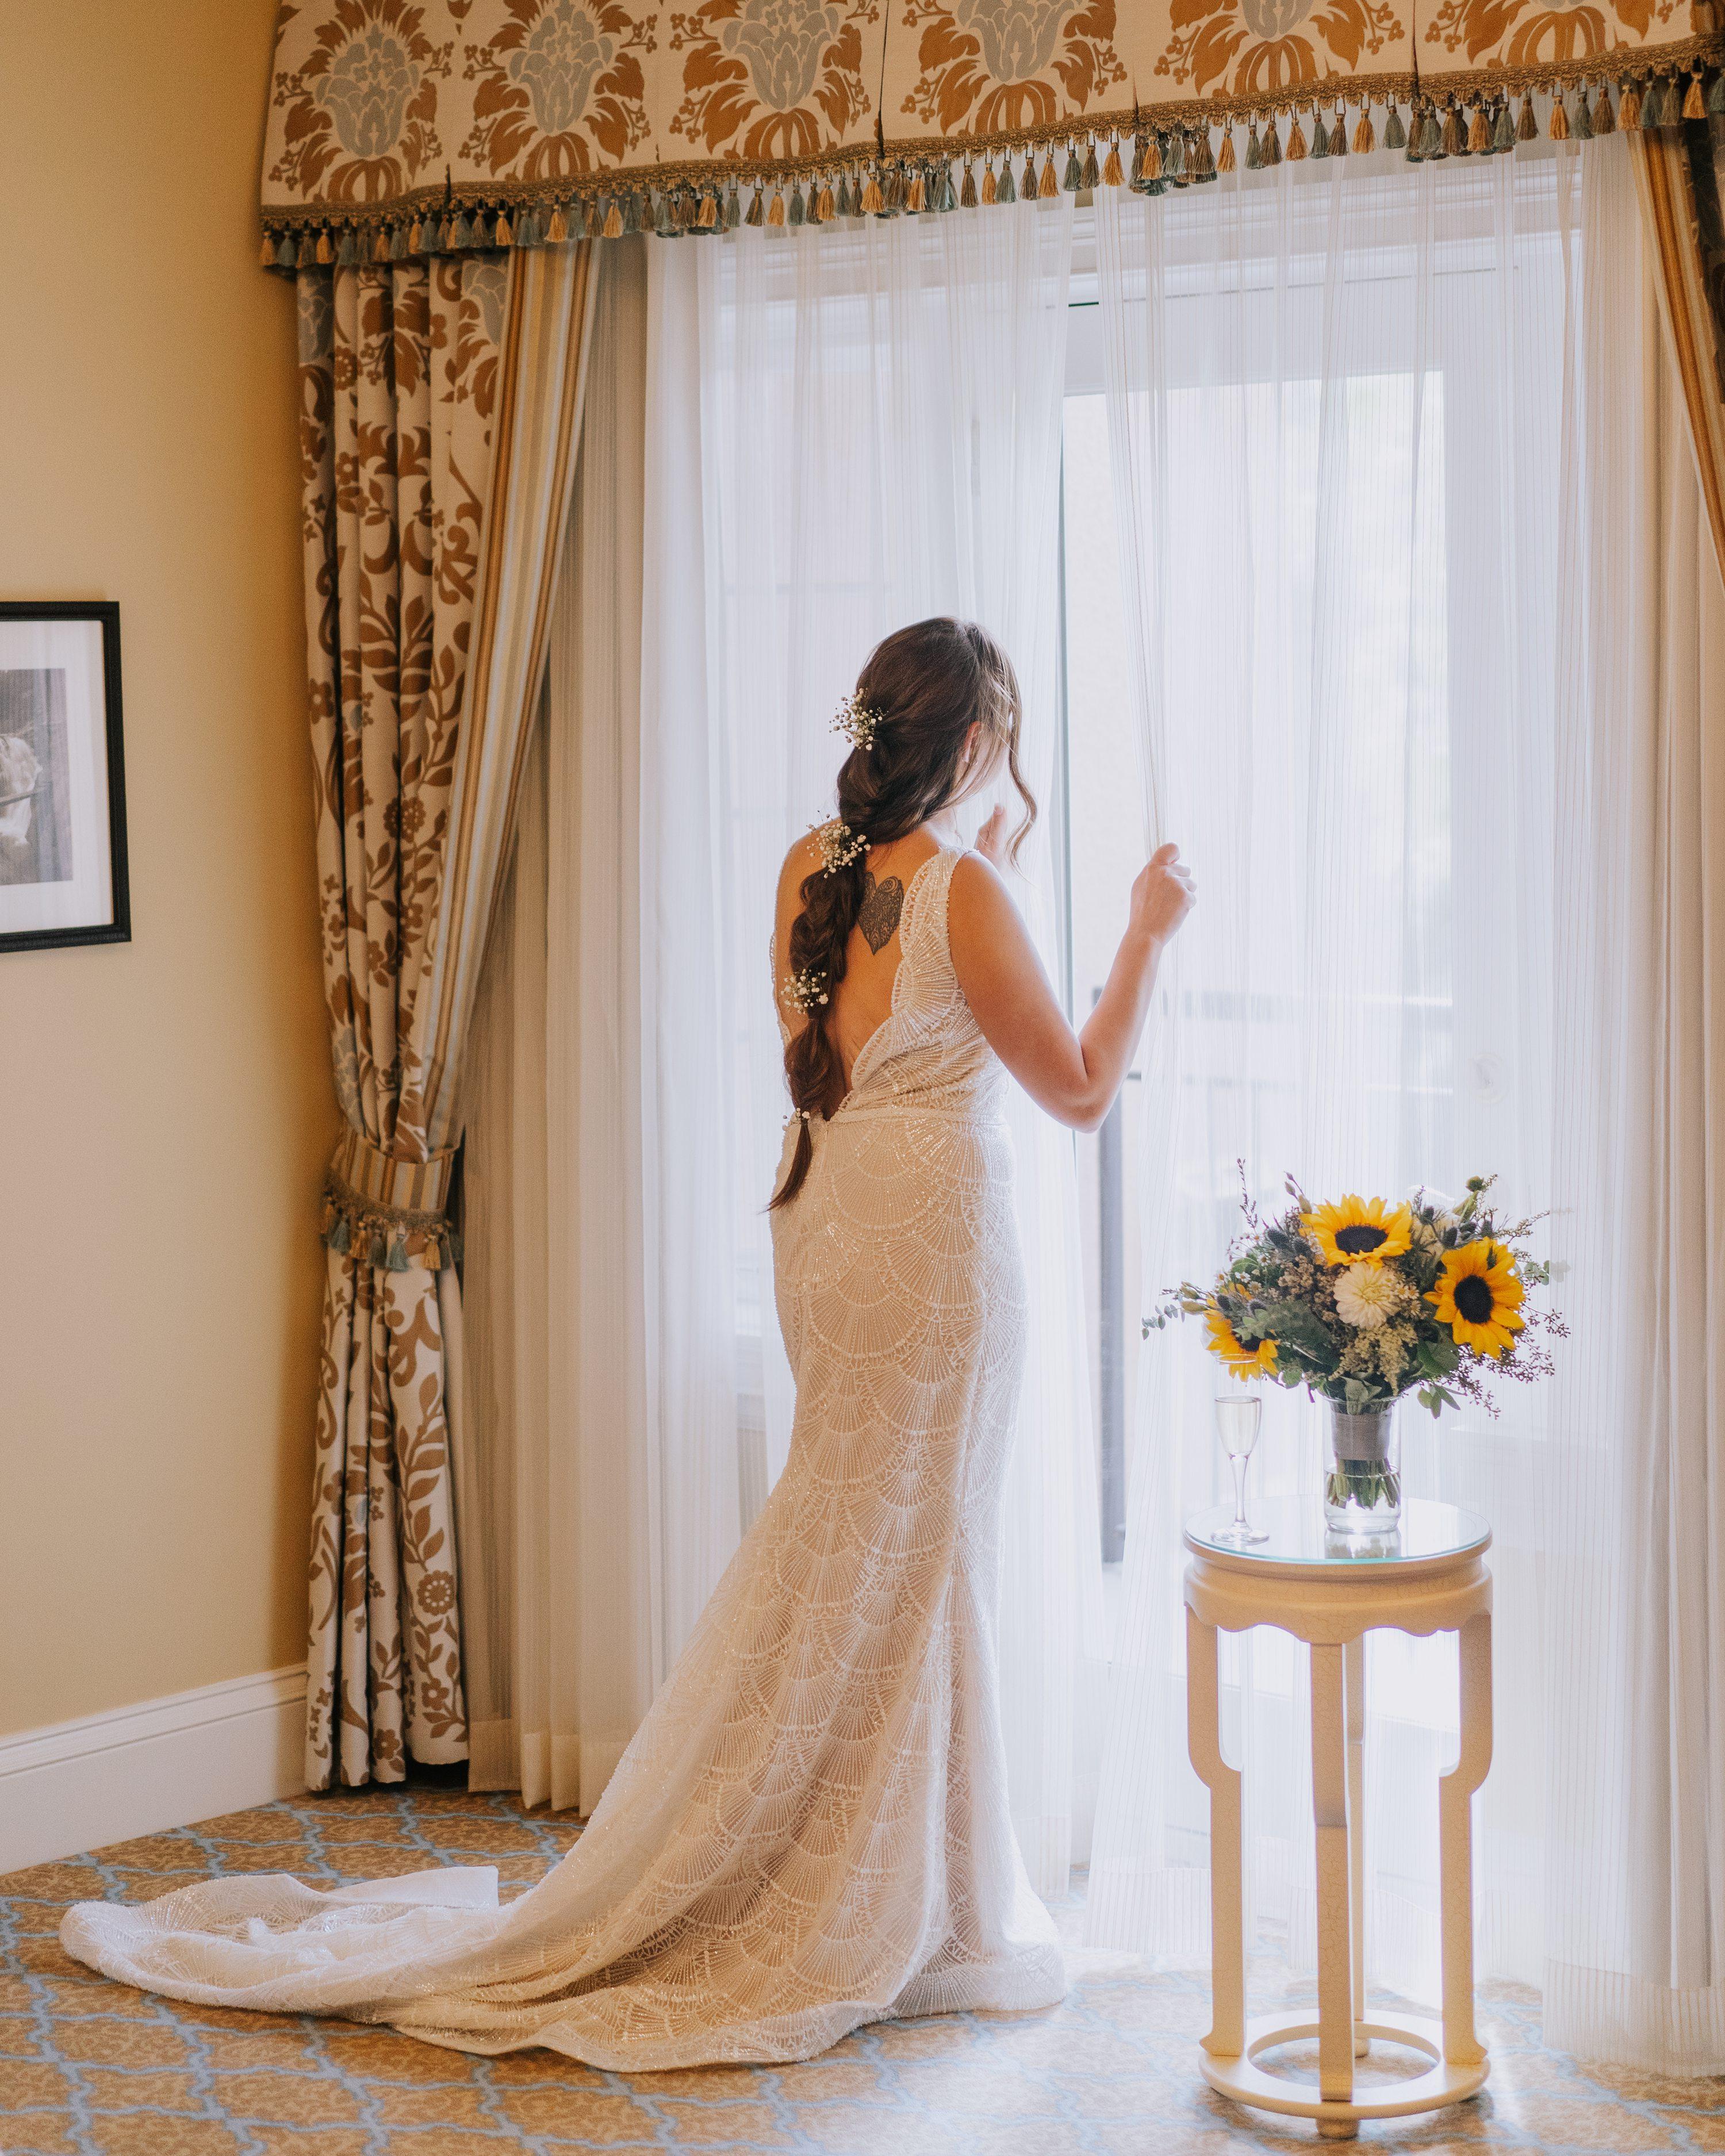 broadmoor hotel,colorado springs wedding photographer